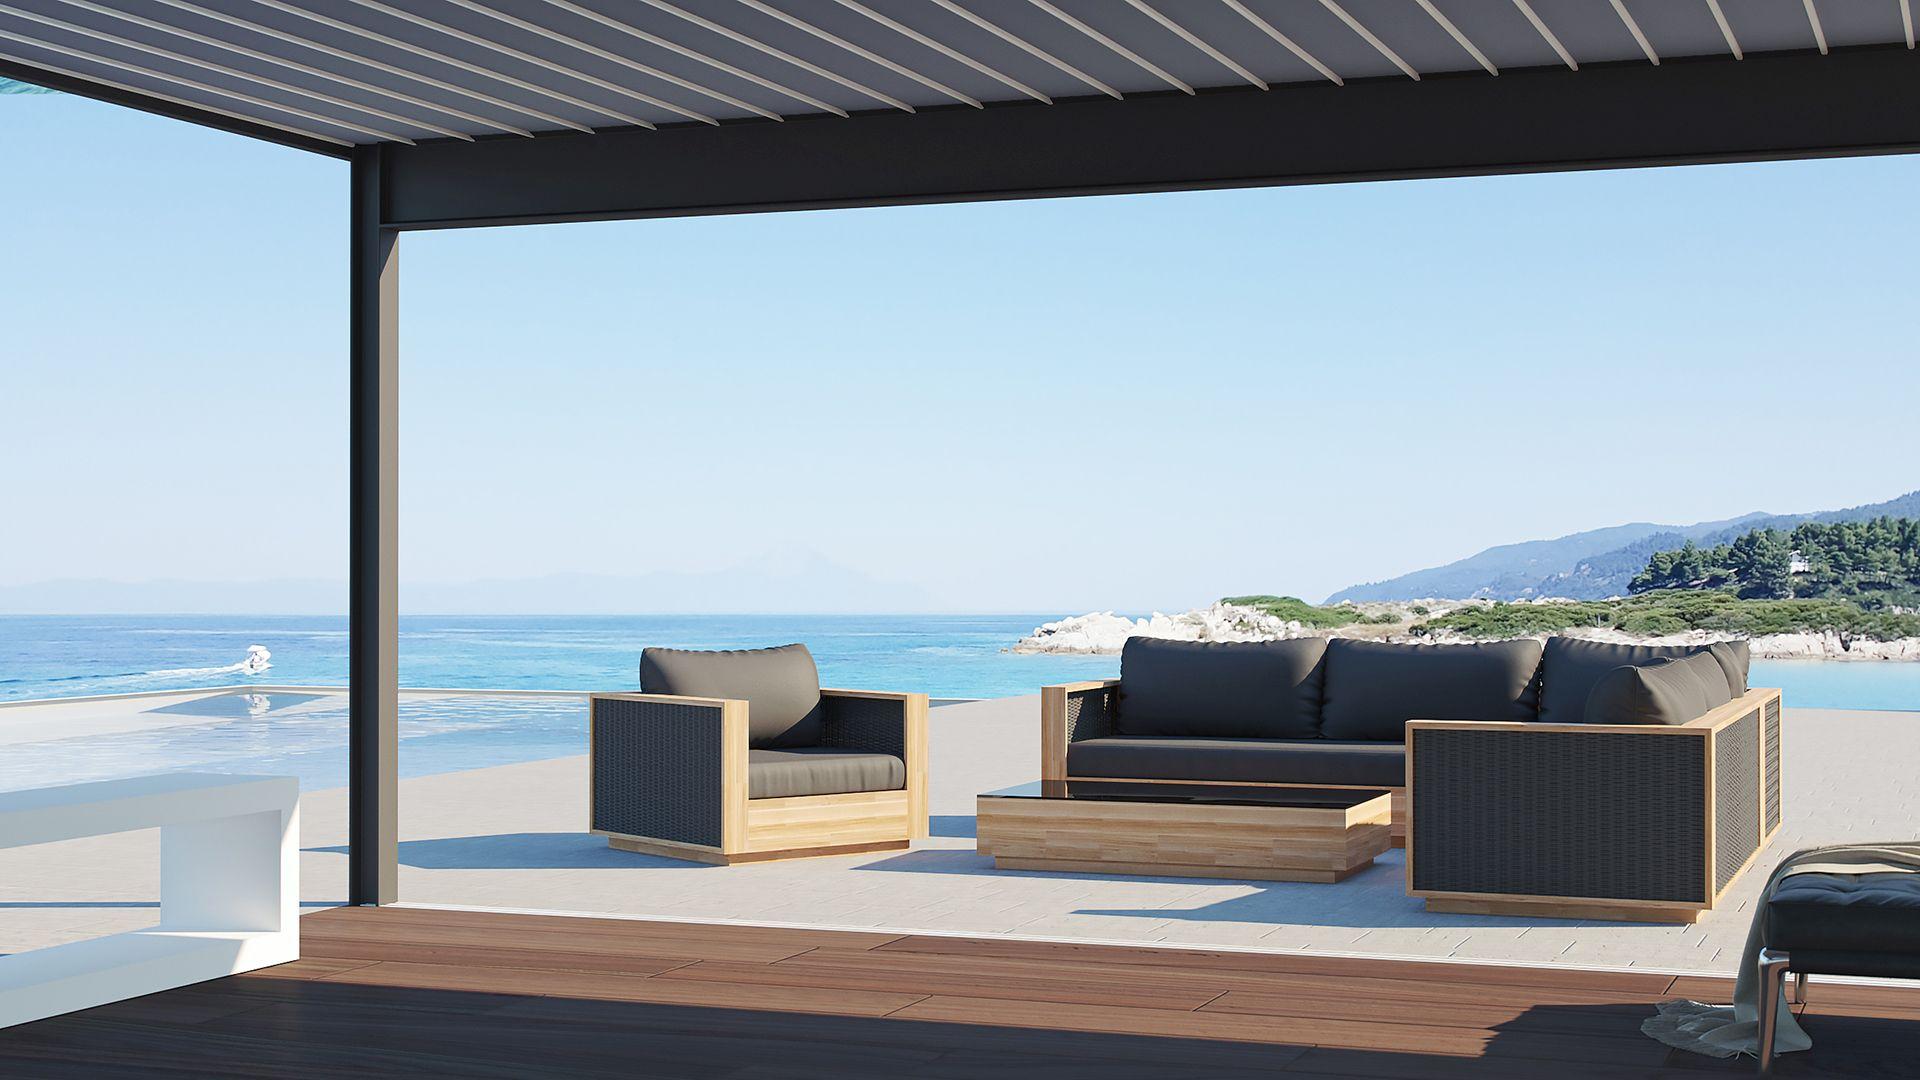 Gönnen Sie sich den Luxus einer komfortablen Sitzgruppe im heimischen Außenbereich